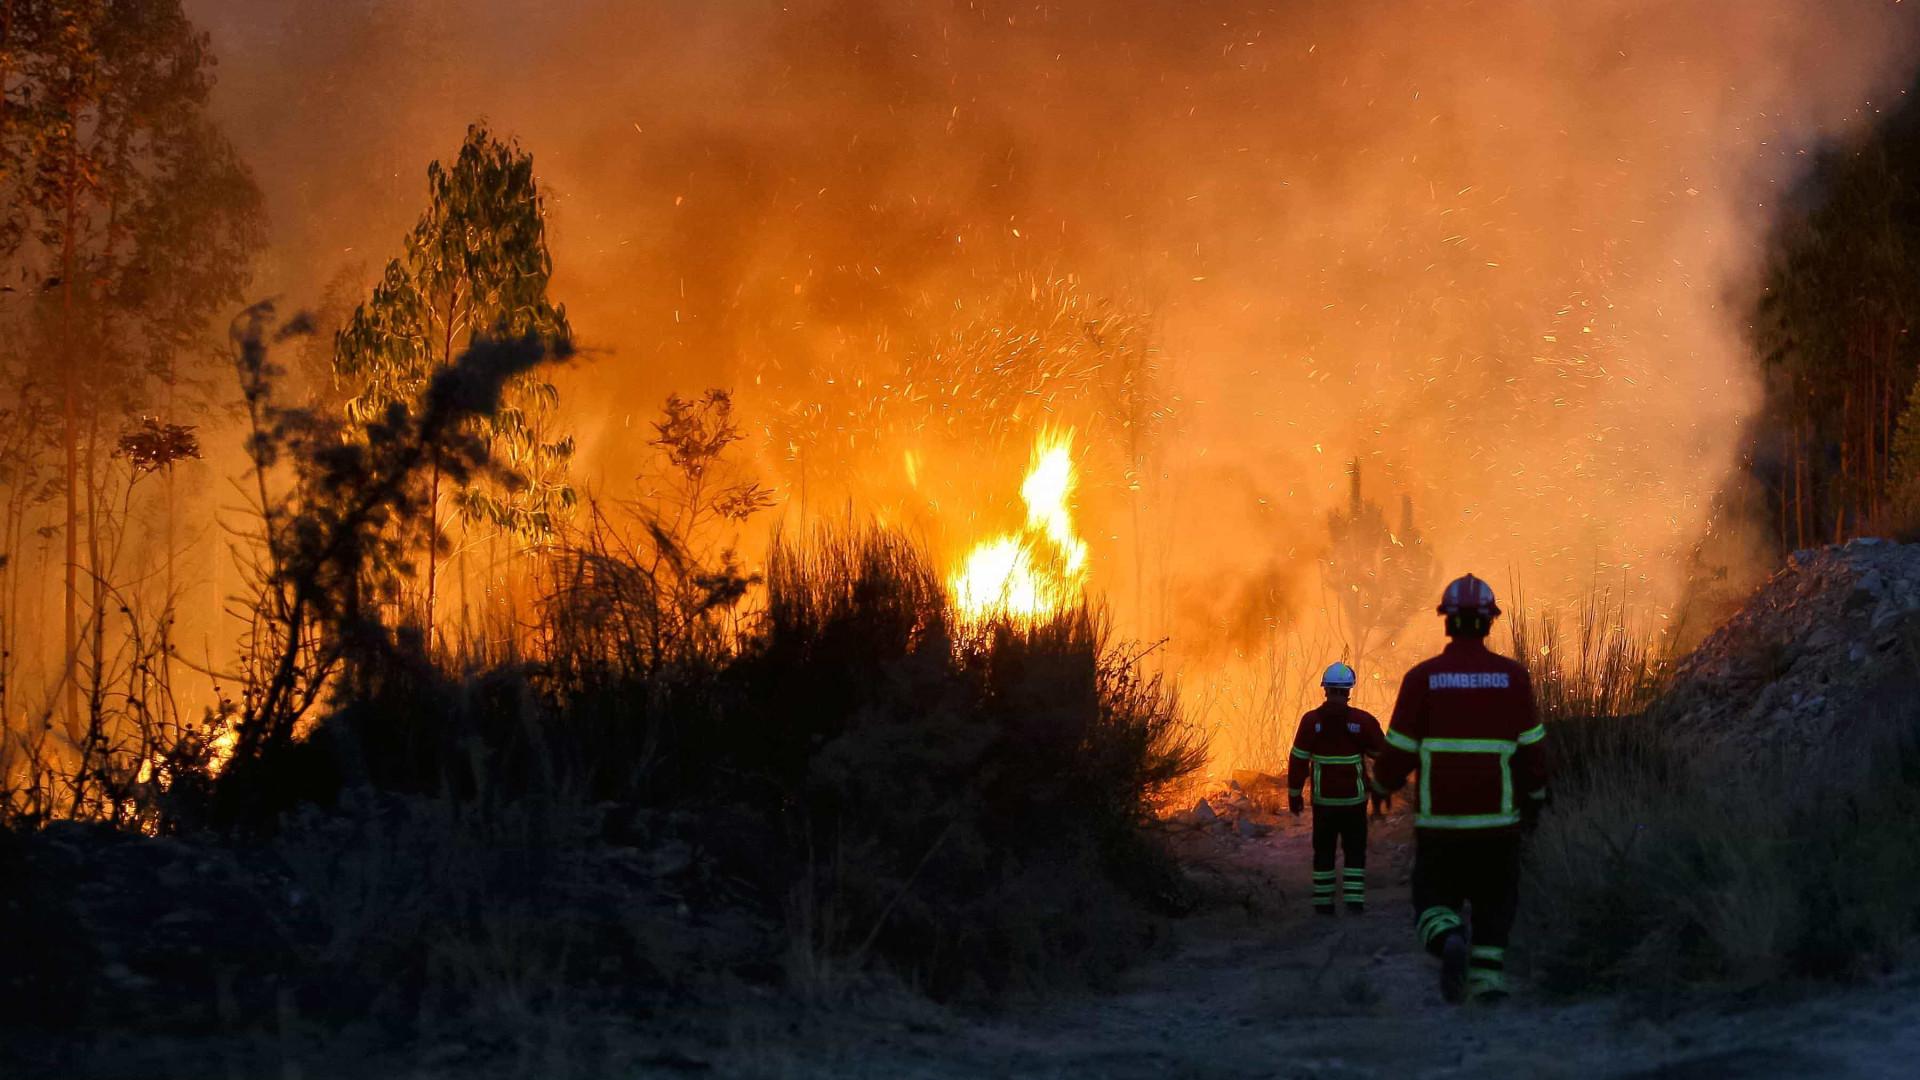 Monchique: Recuperação das 32 casas afetadas pelo fogo ronda os 2 milhões